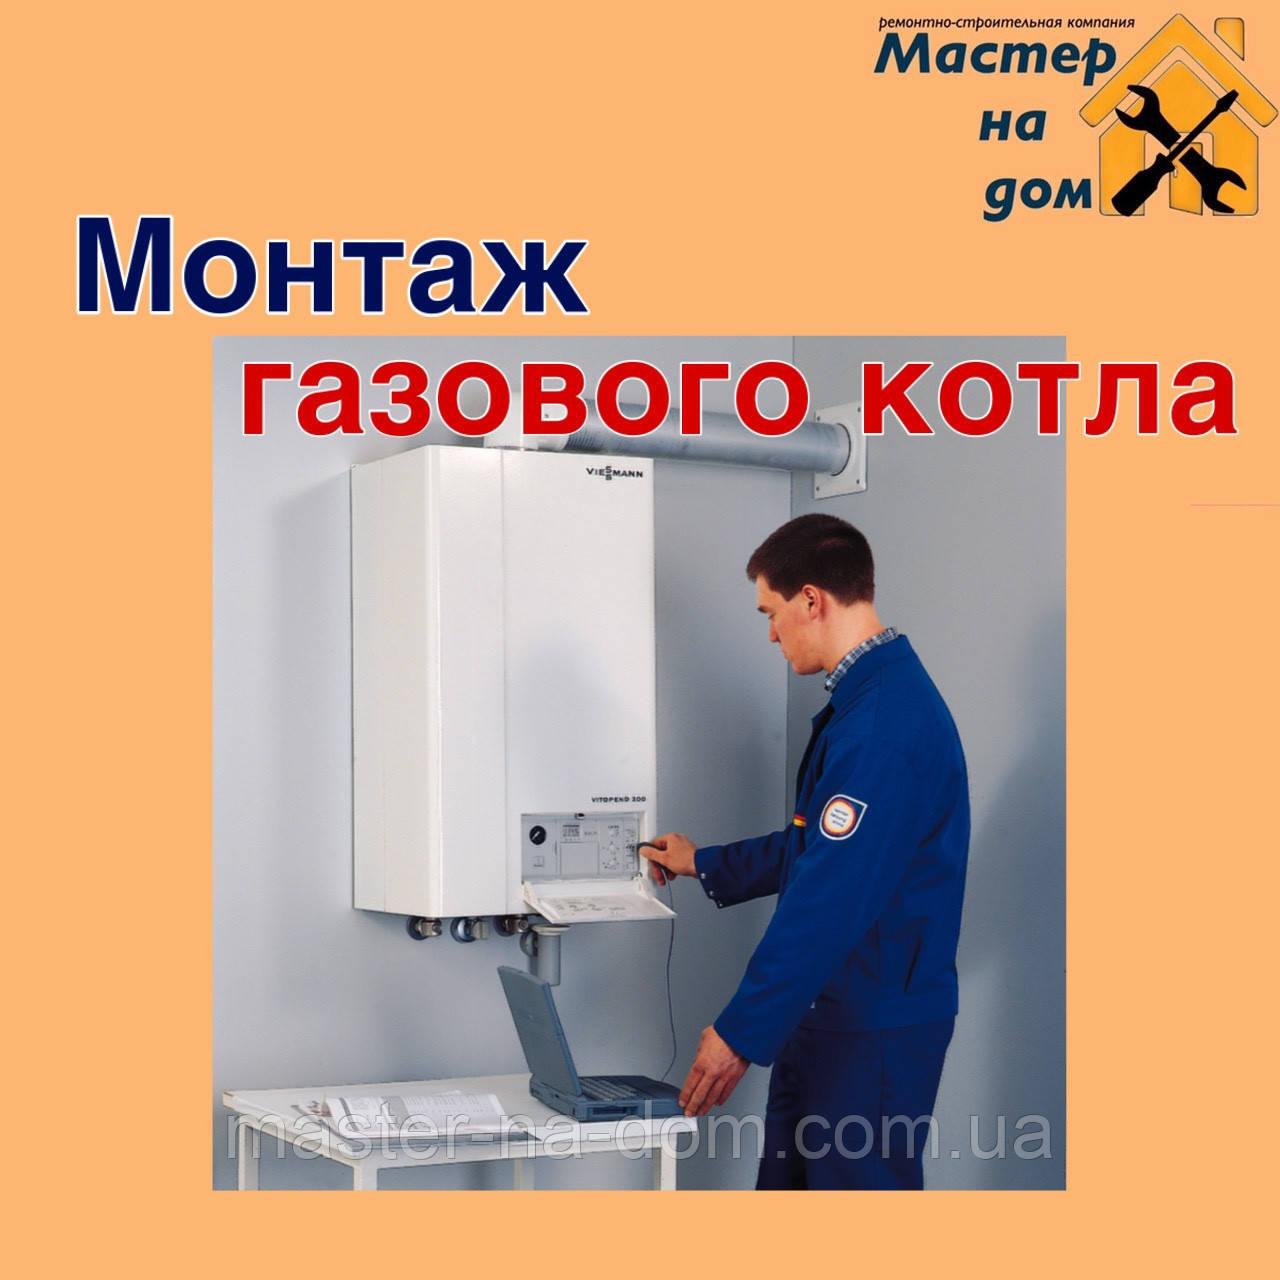 Монтаж газового котла, колонки в Кропивницком